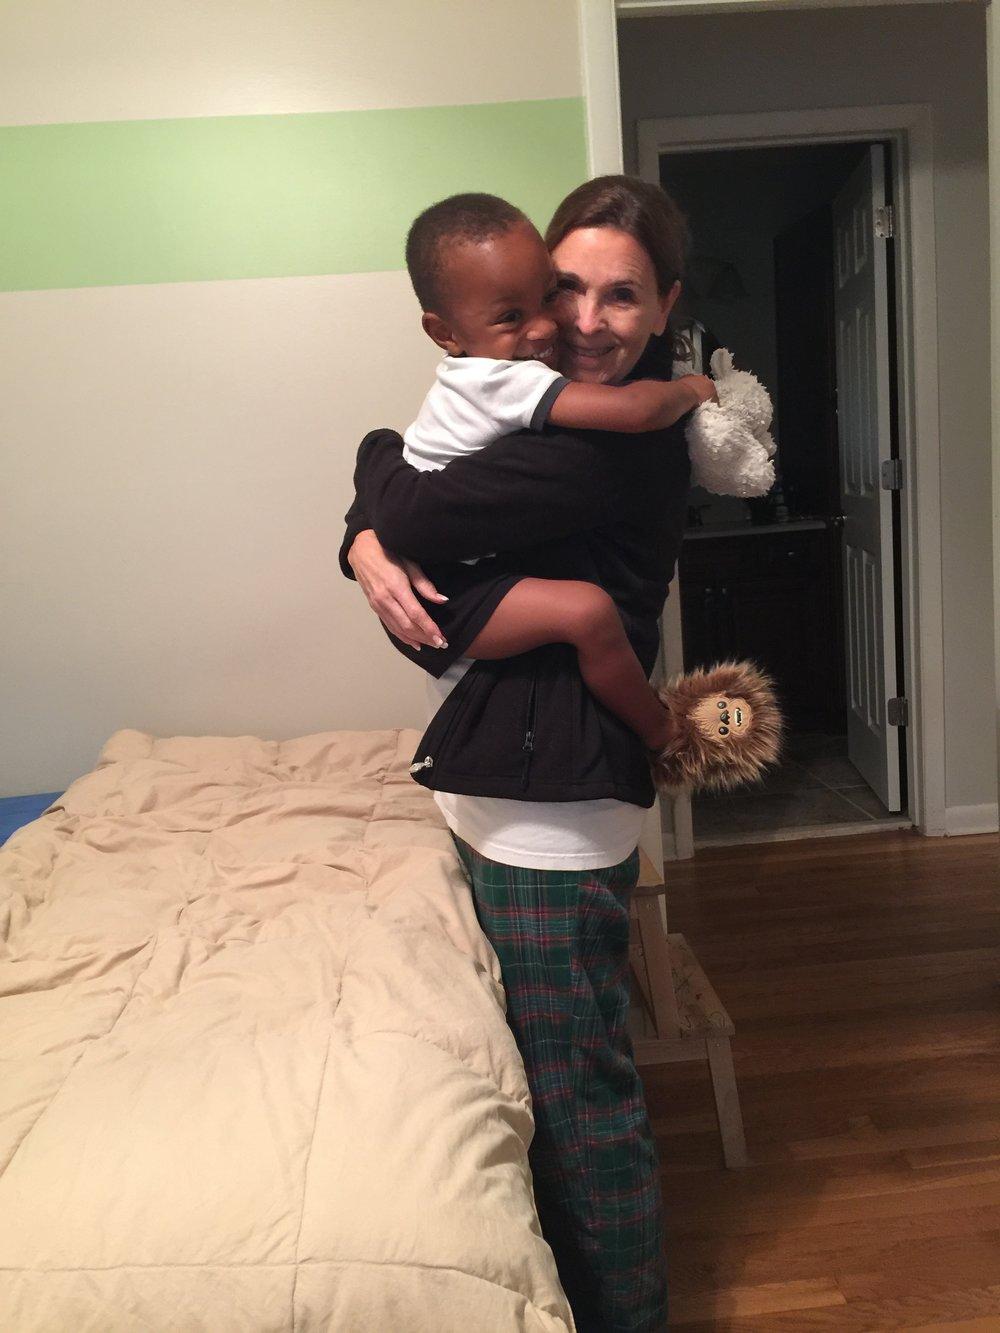 HuggingNini